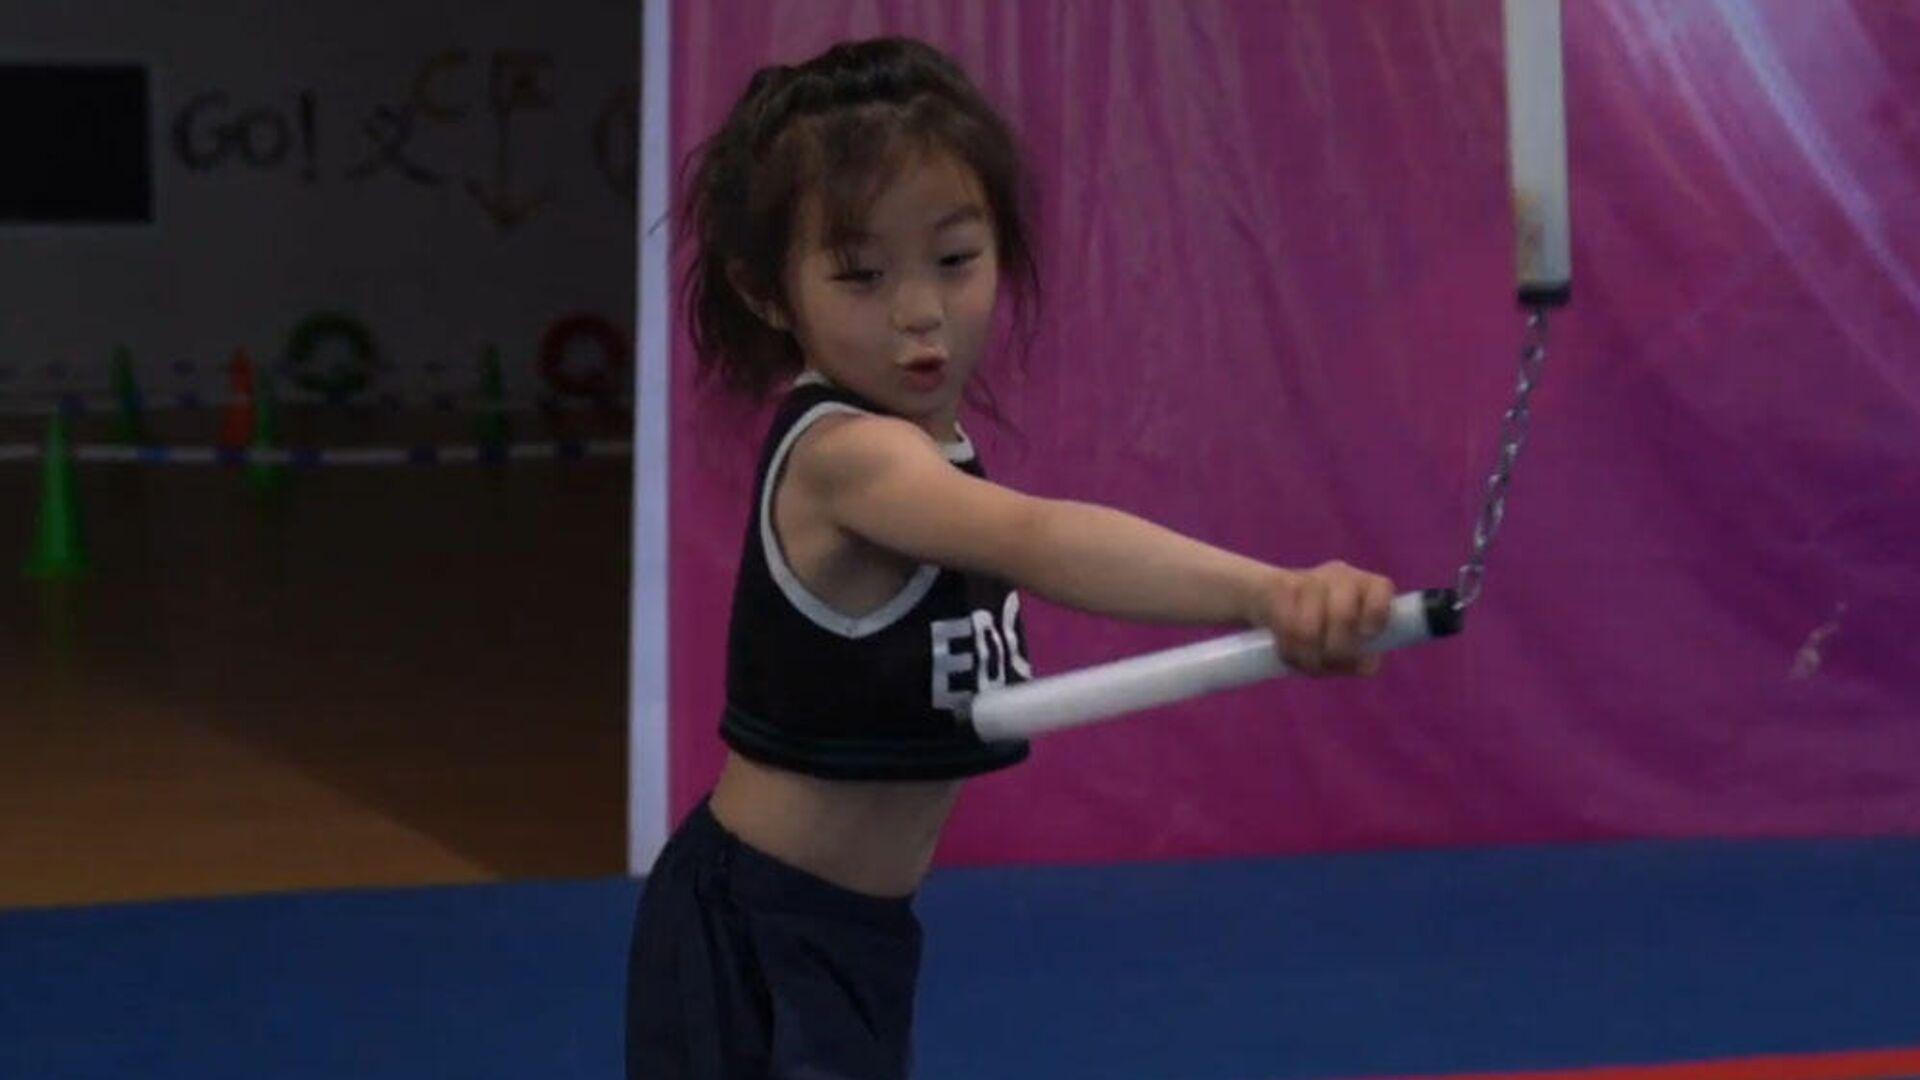 Una niña china domina las artes marciales  - Sputnik Mundo, 1920, 30.03.2021